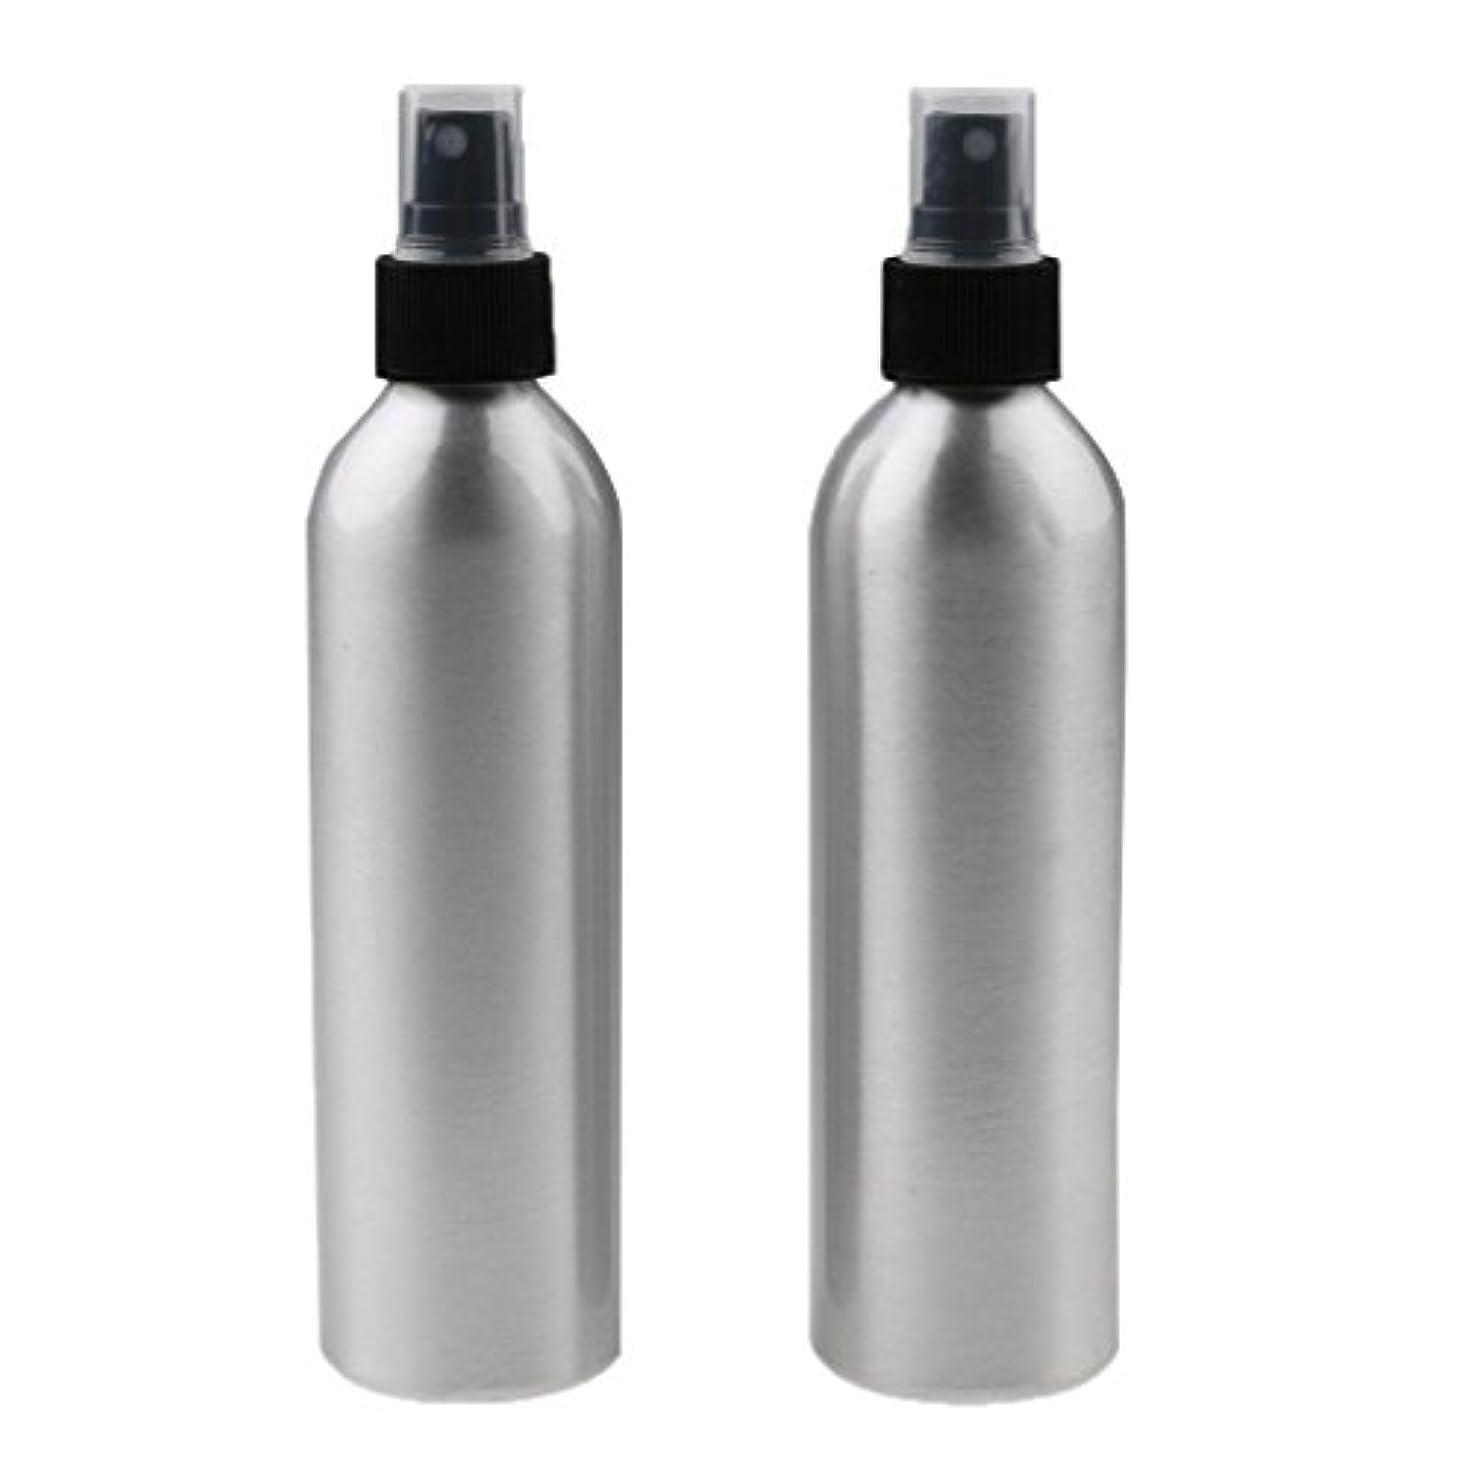 磨かれたしないでください伝えるSONONIA 2個入り 旅行 アルミ ミスト スプレー 香水ボトル メイクアップ スプレー アトマイザー 小分けボトル  漏れ防止 出張 海外旅行用 全4サイズ - 100ml